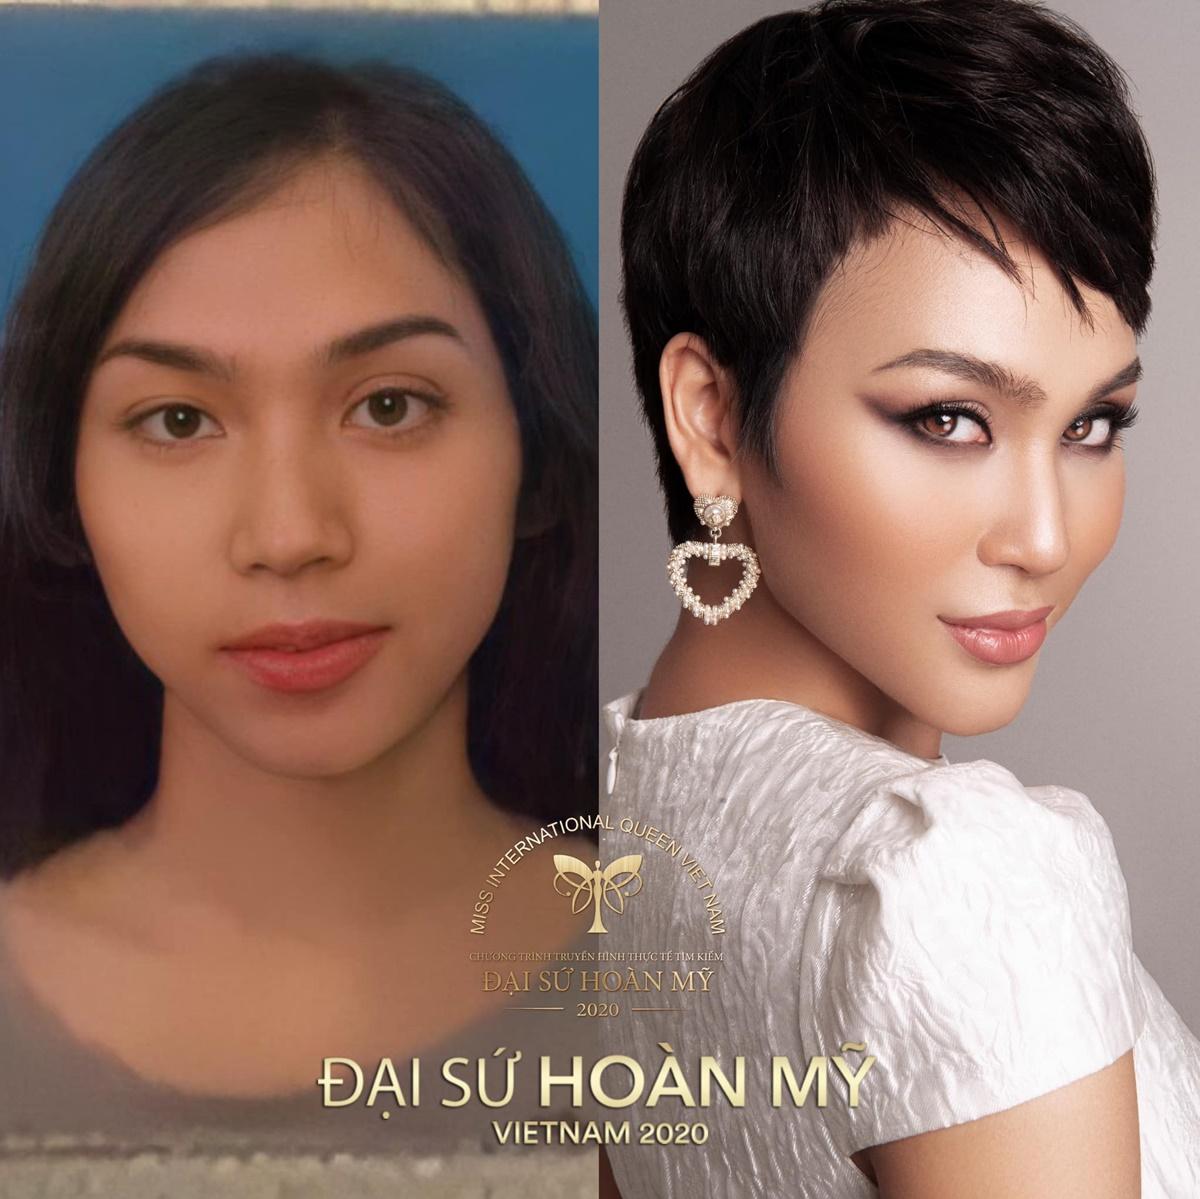 Cadie Huỳnh Anh sinh năm 1994, cao 174 cm, số đo ba vòng 84-60-90. Cô là người mẫu tự do. Tôi đến với cuộc thi mang theo nguồn năng lượng tích cực. Tôi hy vọng mình sẽ đạt kết quả tốt, cô nói.